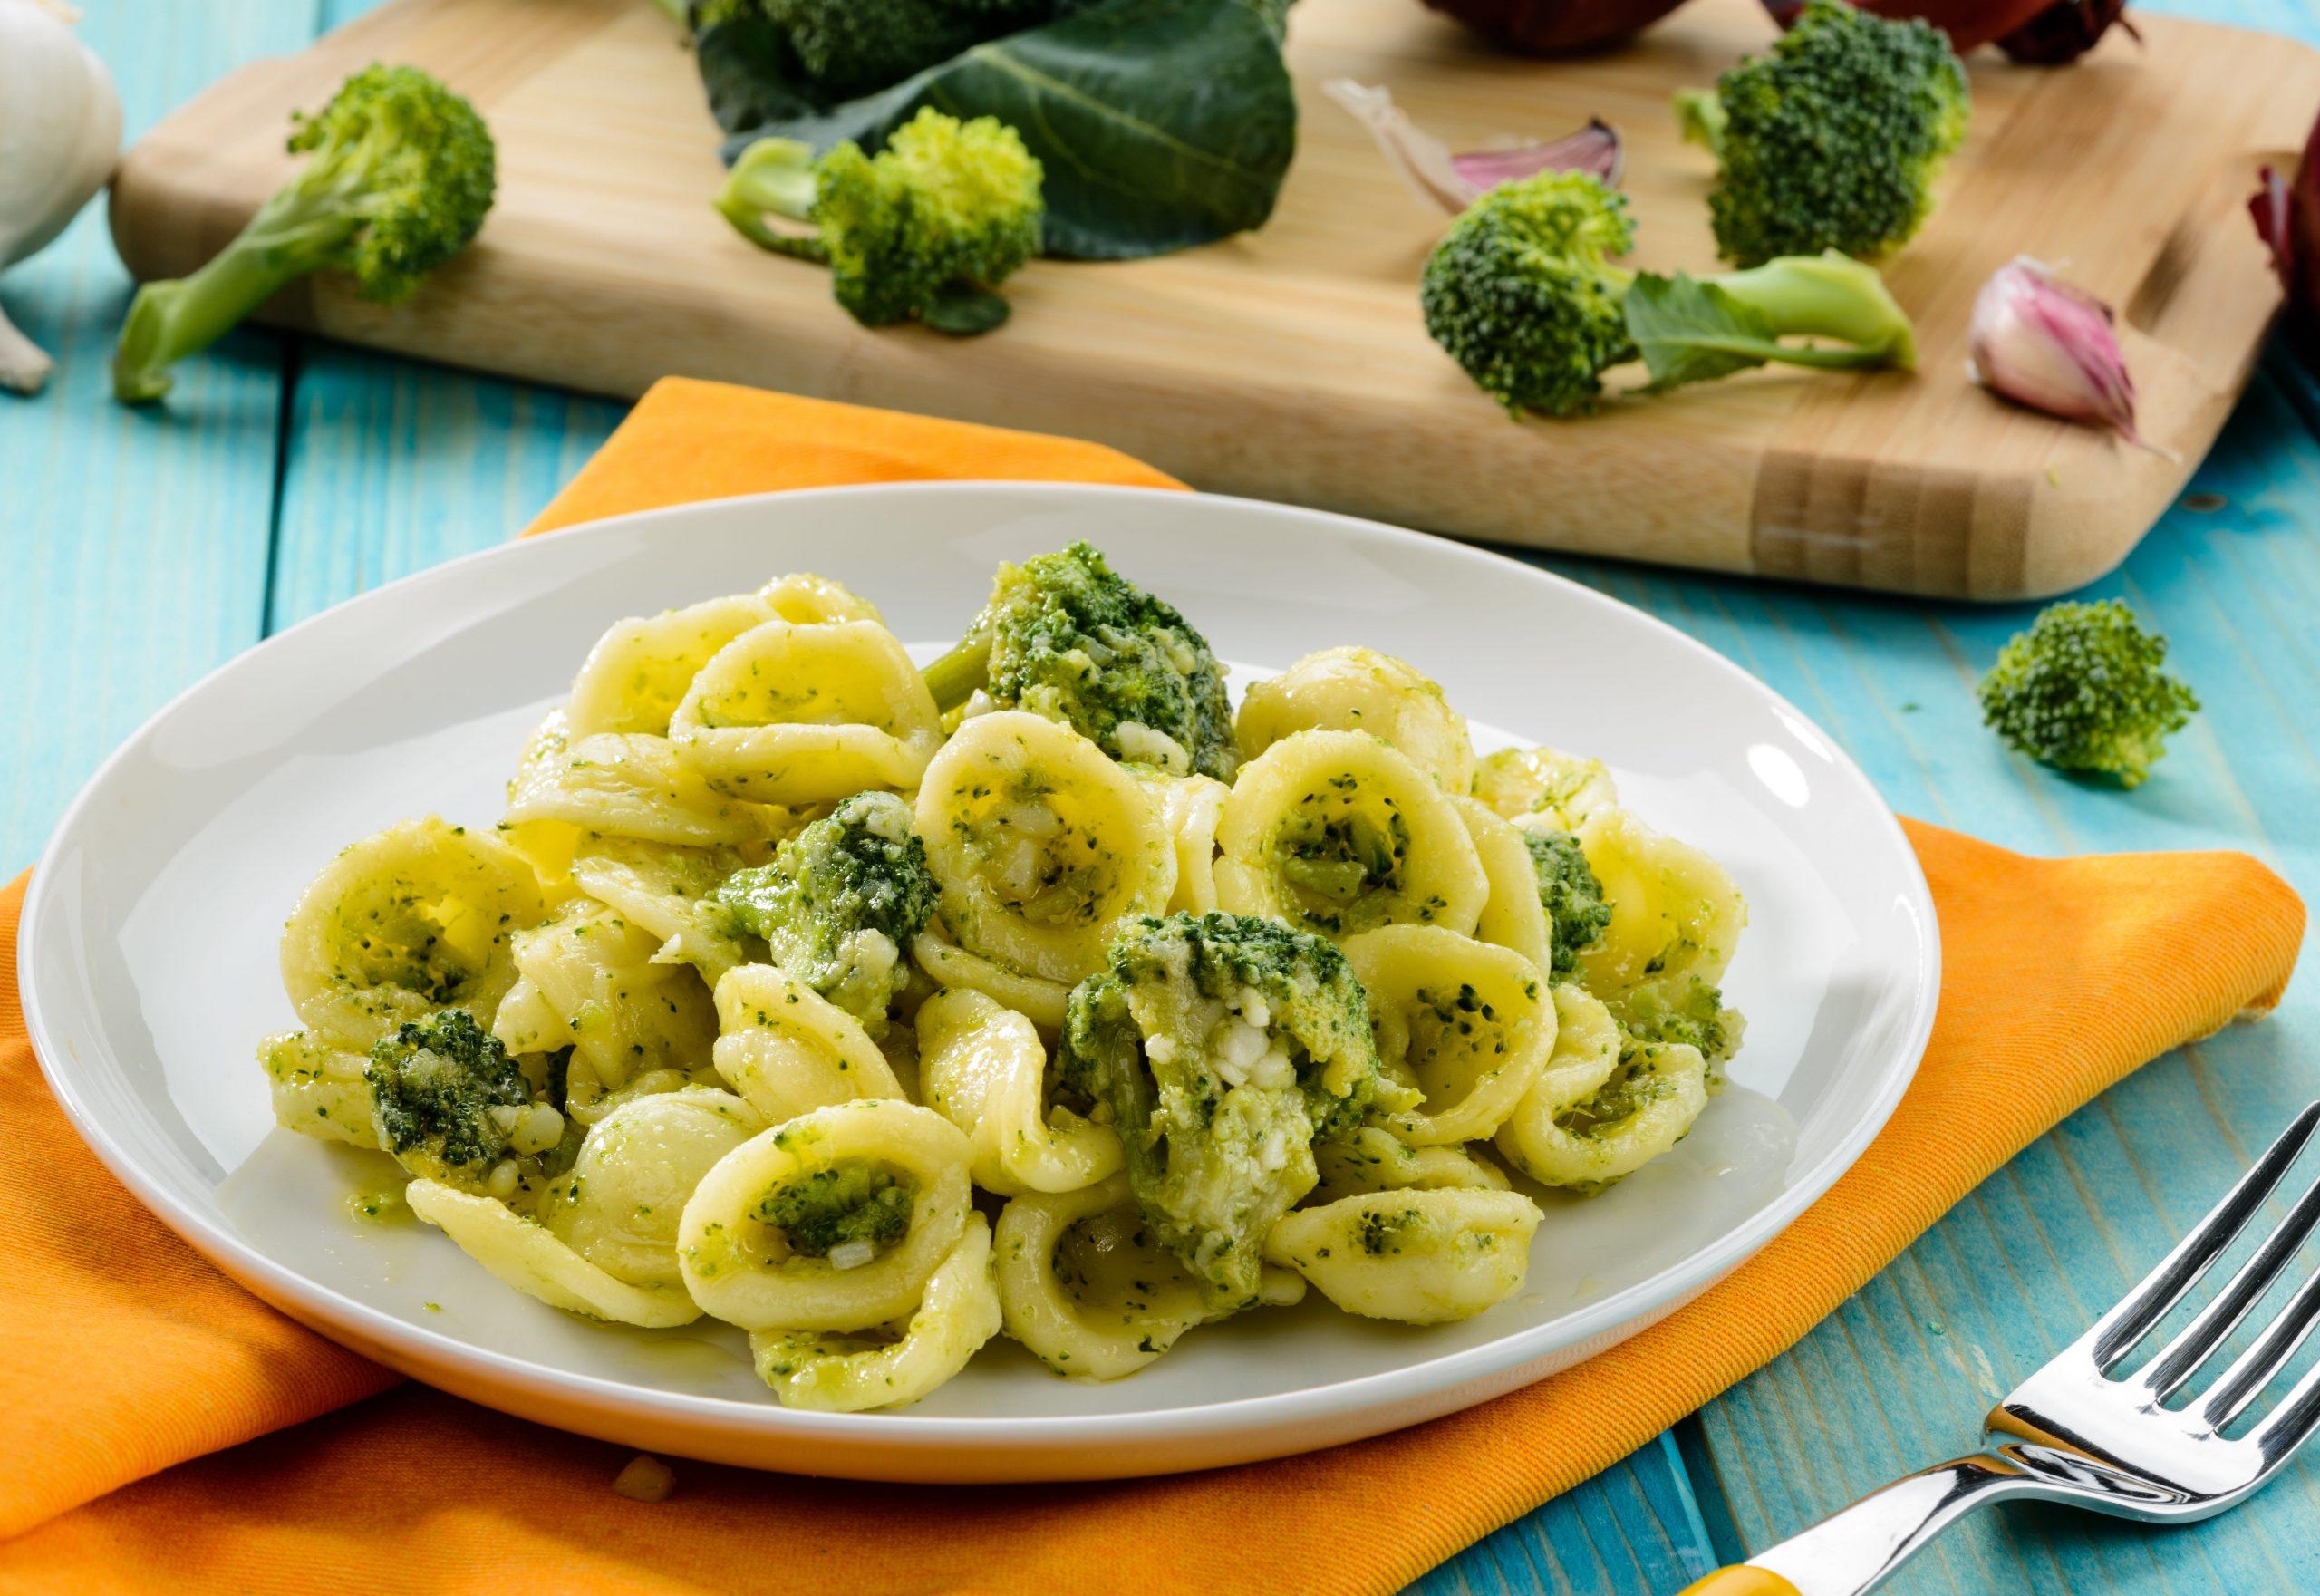 Orecchiette with broccolini